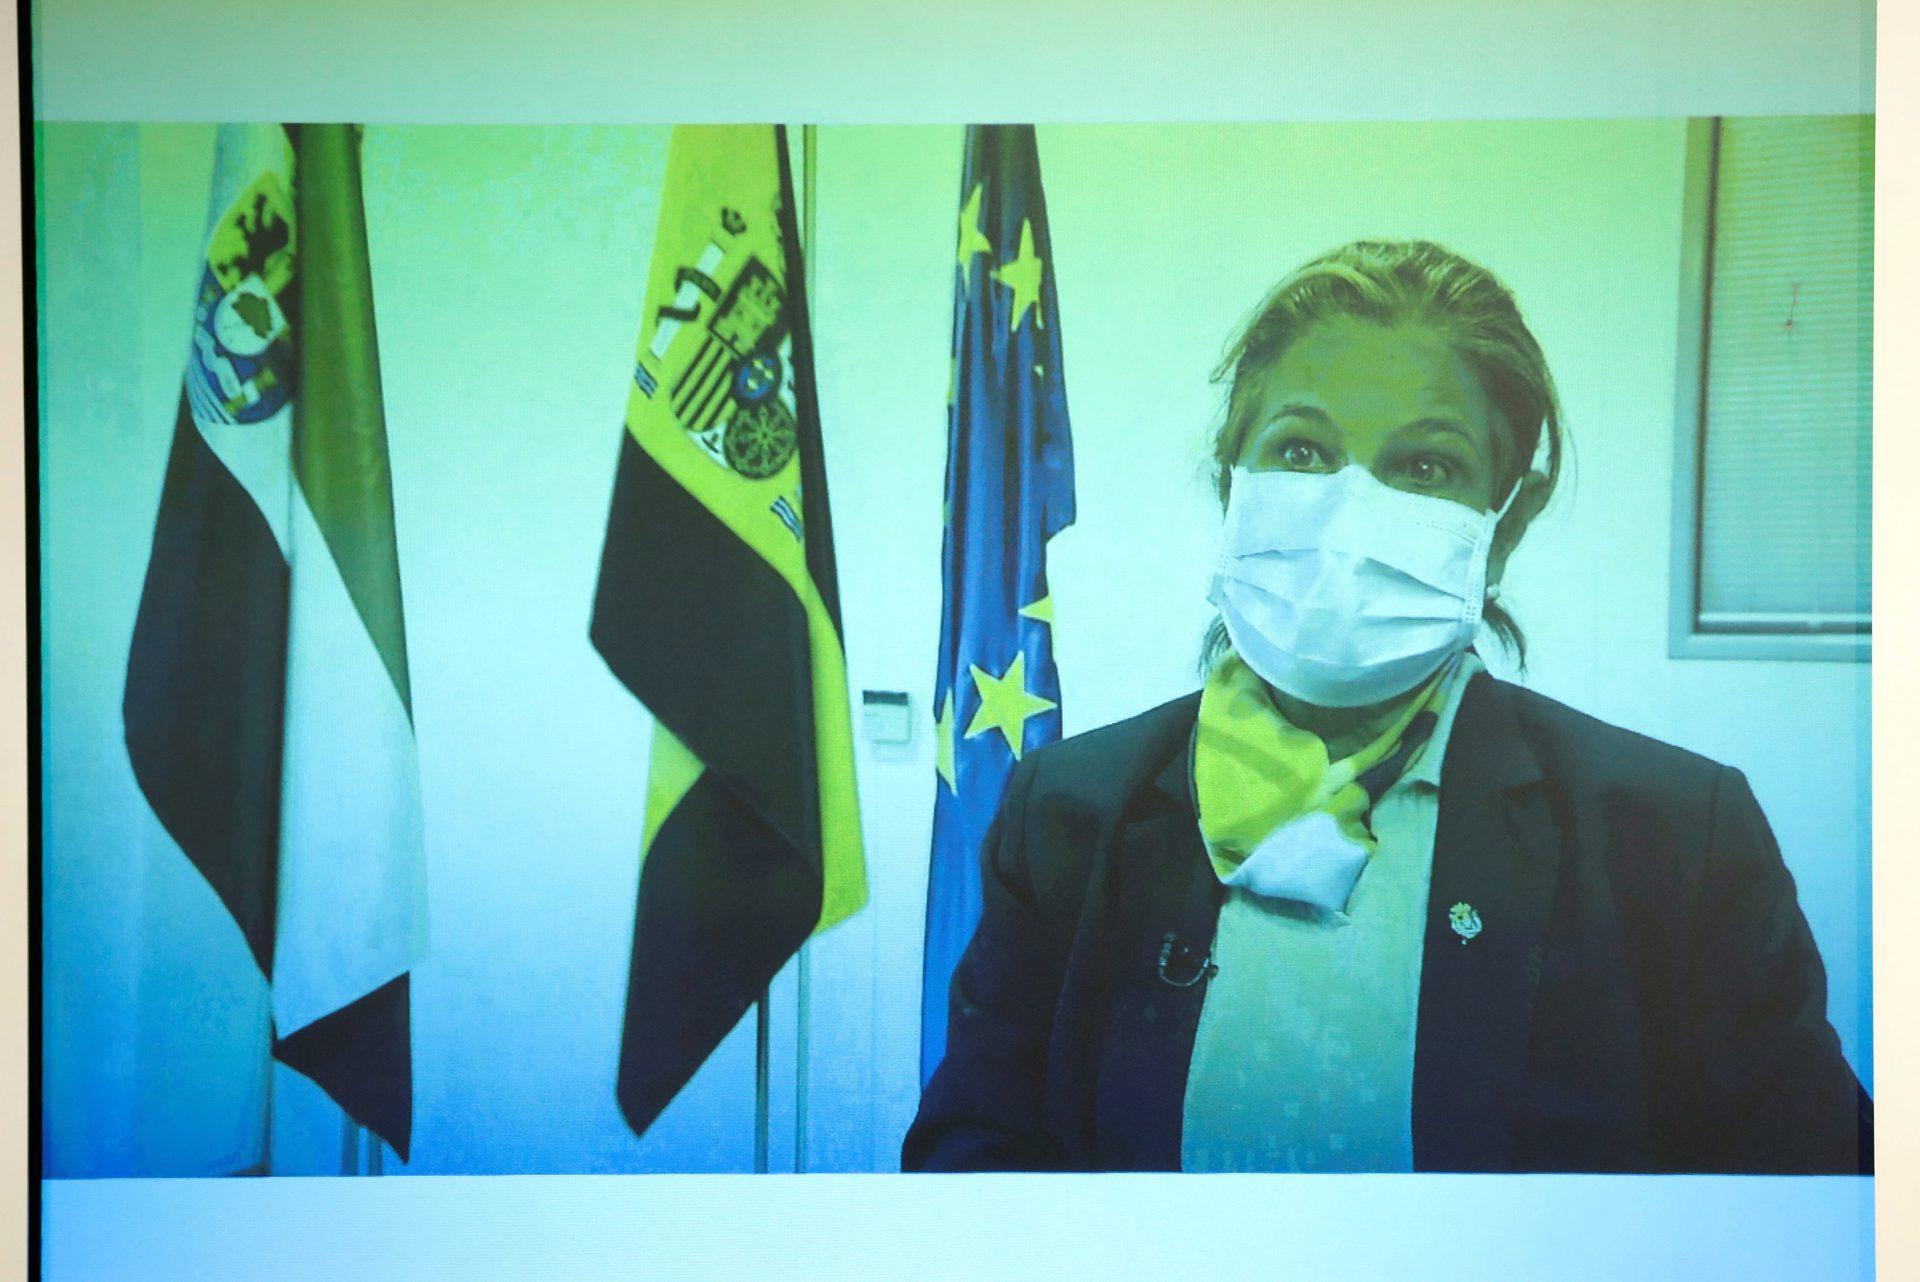 """MADRID, 25/03/2021.- La Vicepresidenta Primera y Consejera de Hacienda y Administración Pública de la Junta de Extremadura, Pilar Blanco-Morales intervienen por videconferencia en la mesa redonda del tercer foro organizado por EFE y la consultora KPMG del ciclo """"Fondos Europeos, las claves para la recuperación"""" que, bajo el lema """"El reto de la gestión"""", se celebra este jueves en el Palacio de Linares, en Madrid. EFE/J.J. Guillén POOL"""